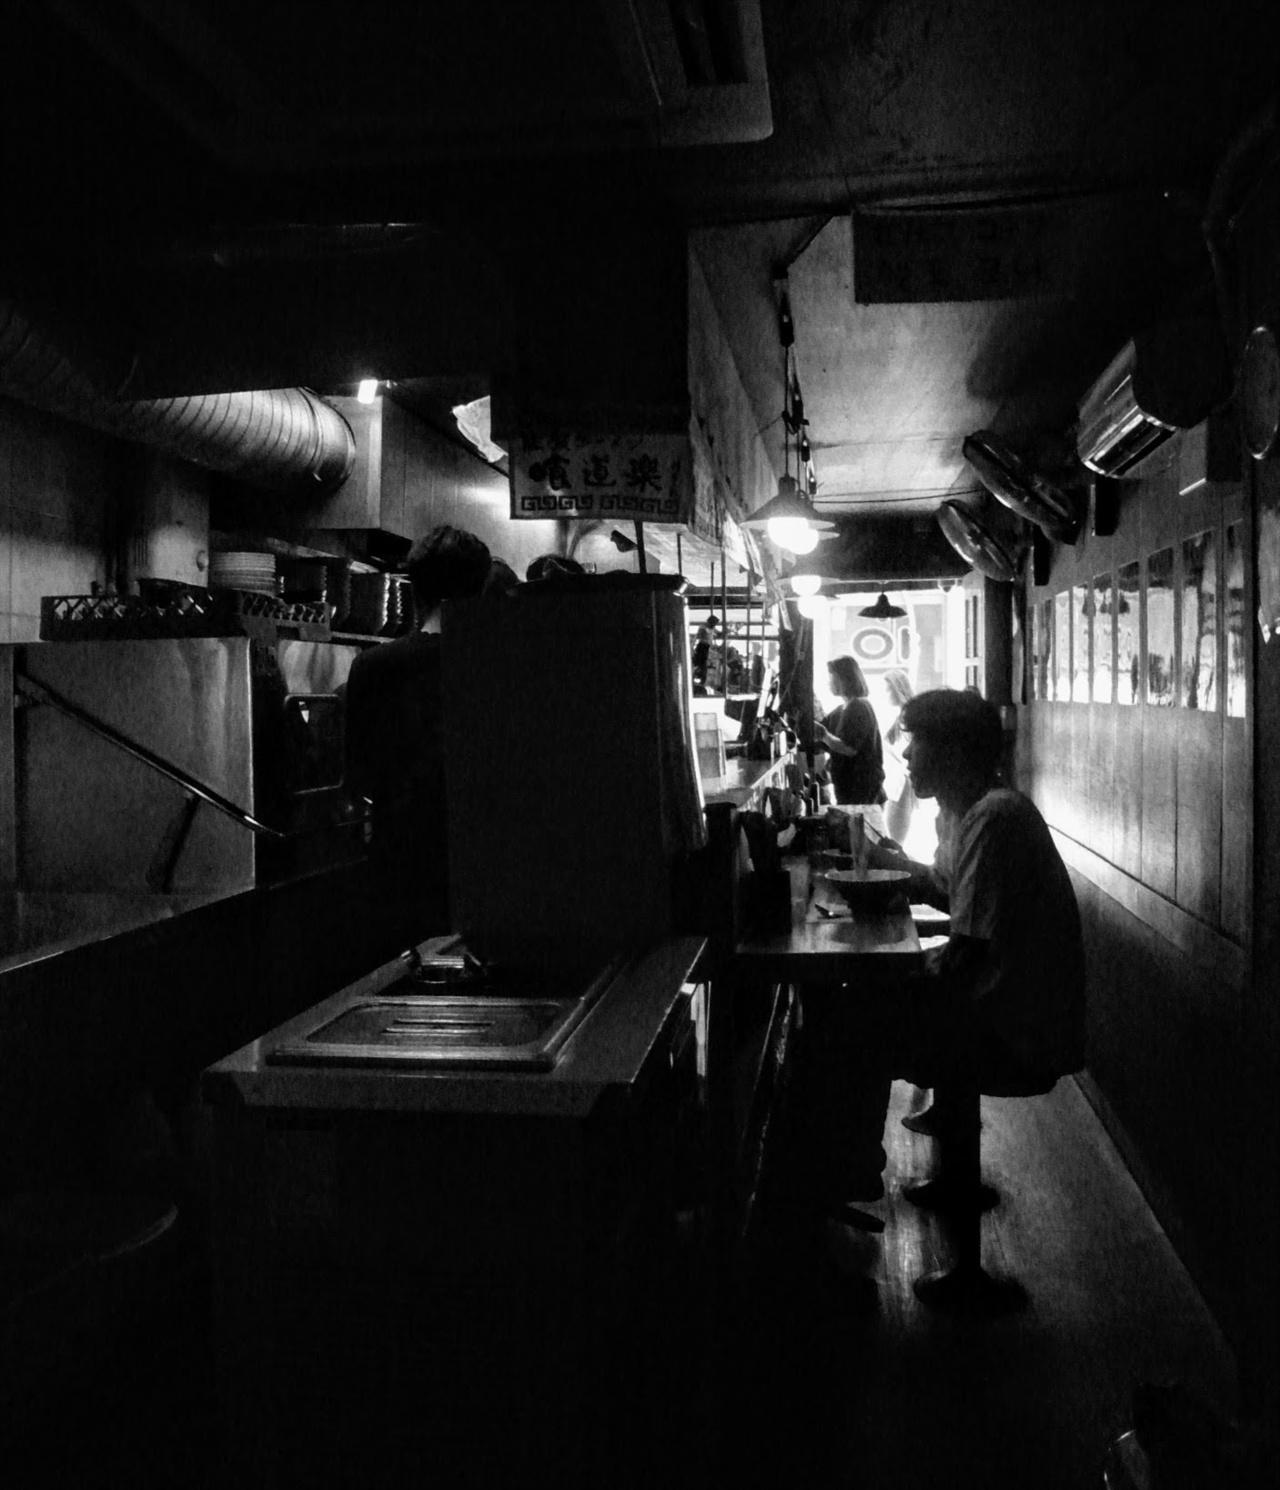 세장한 라면집 긴 테이블 앞에 손님이 앉아 라면을 먹고 있다. 가게가 매우 좁아서 등이 거의 벽에 붙는다